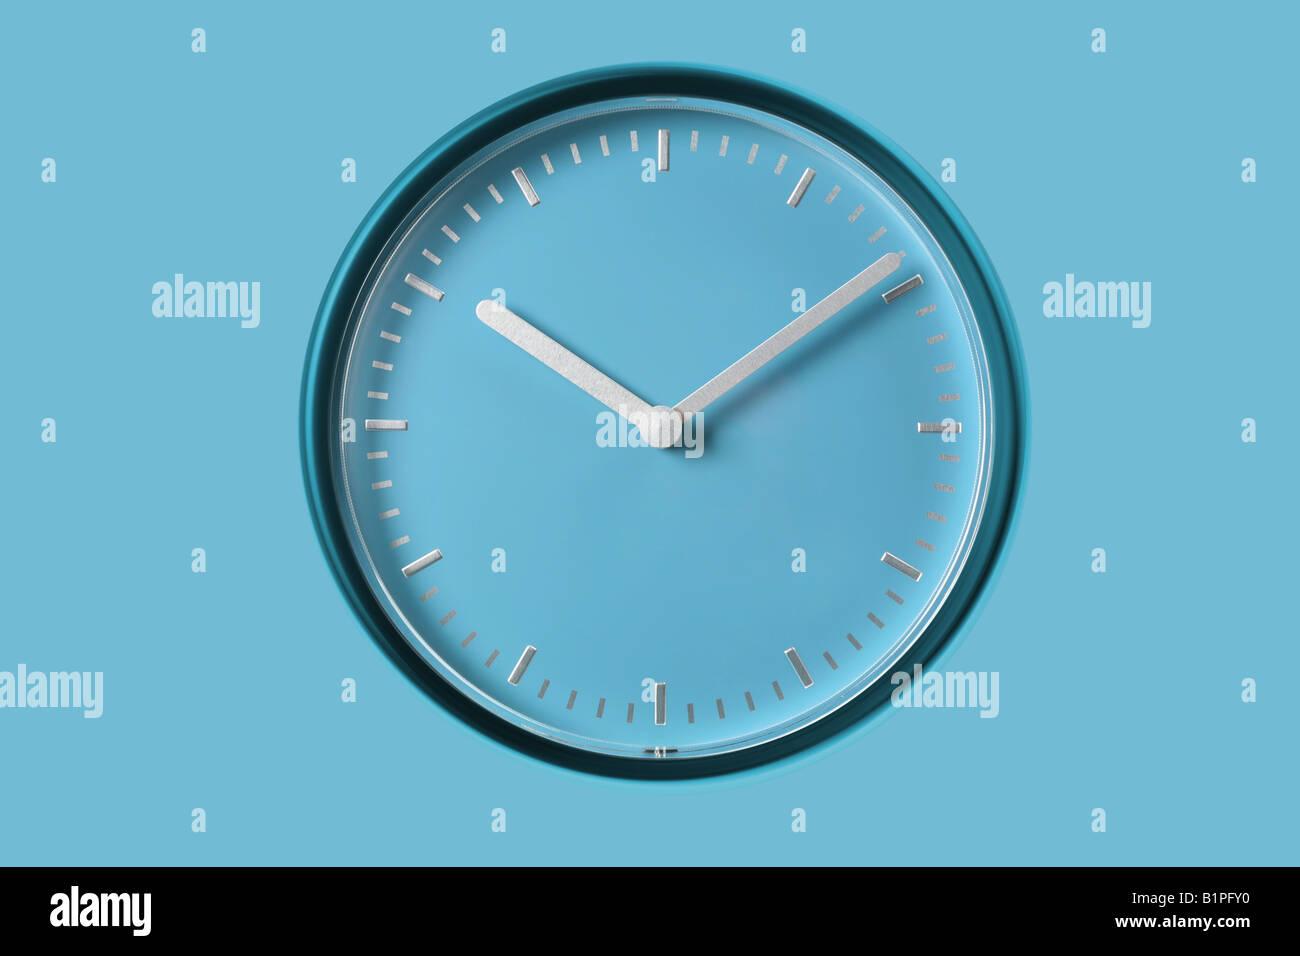 Uhr Uhr Uhr Wanduhr analog Stockbild